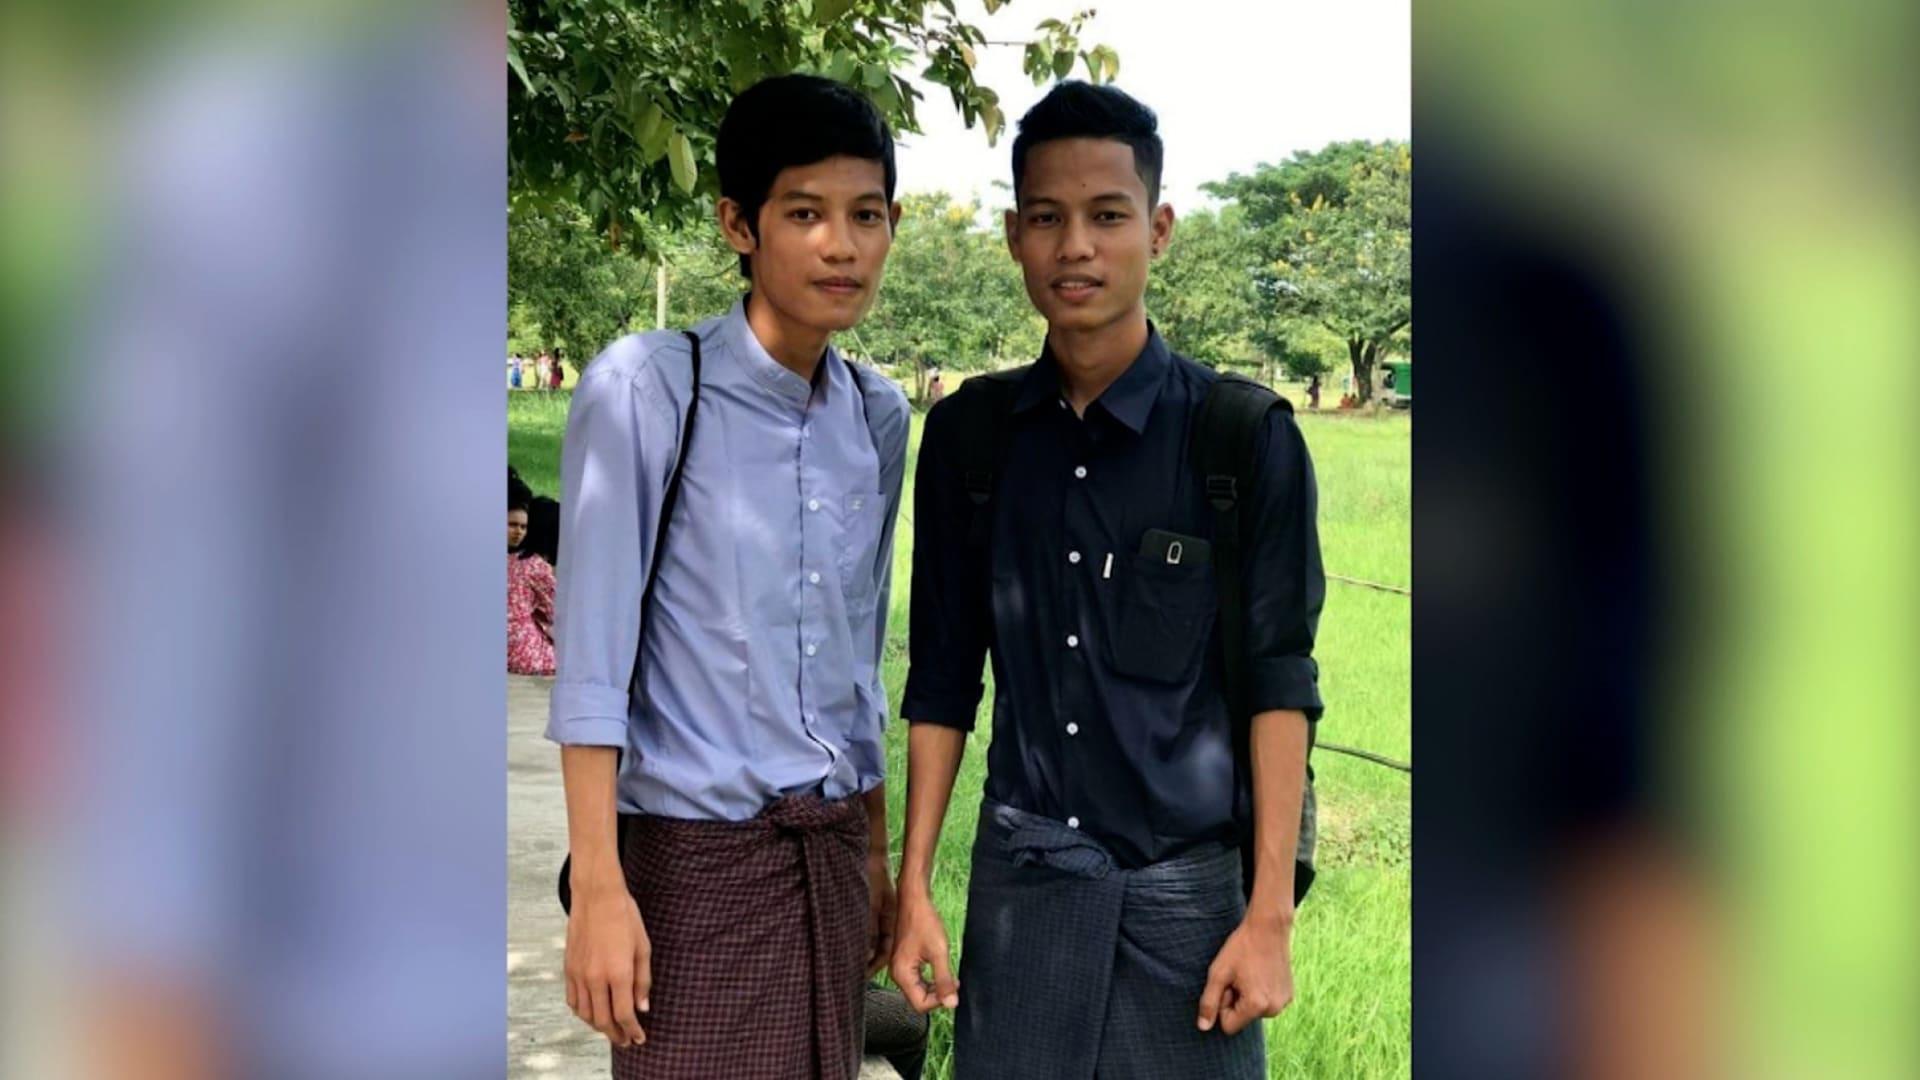 متظاهر ينعي توأمه بعد أن نزف حتى الموت.. في أكثر الأيام دموية في ميانمار